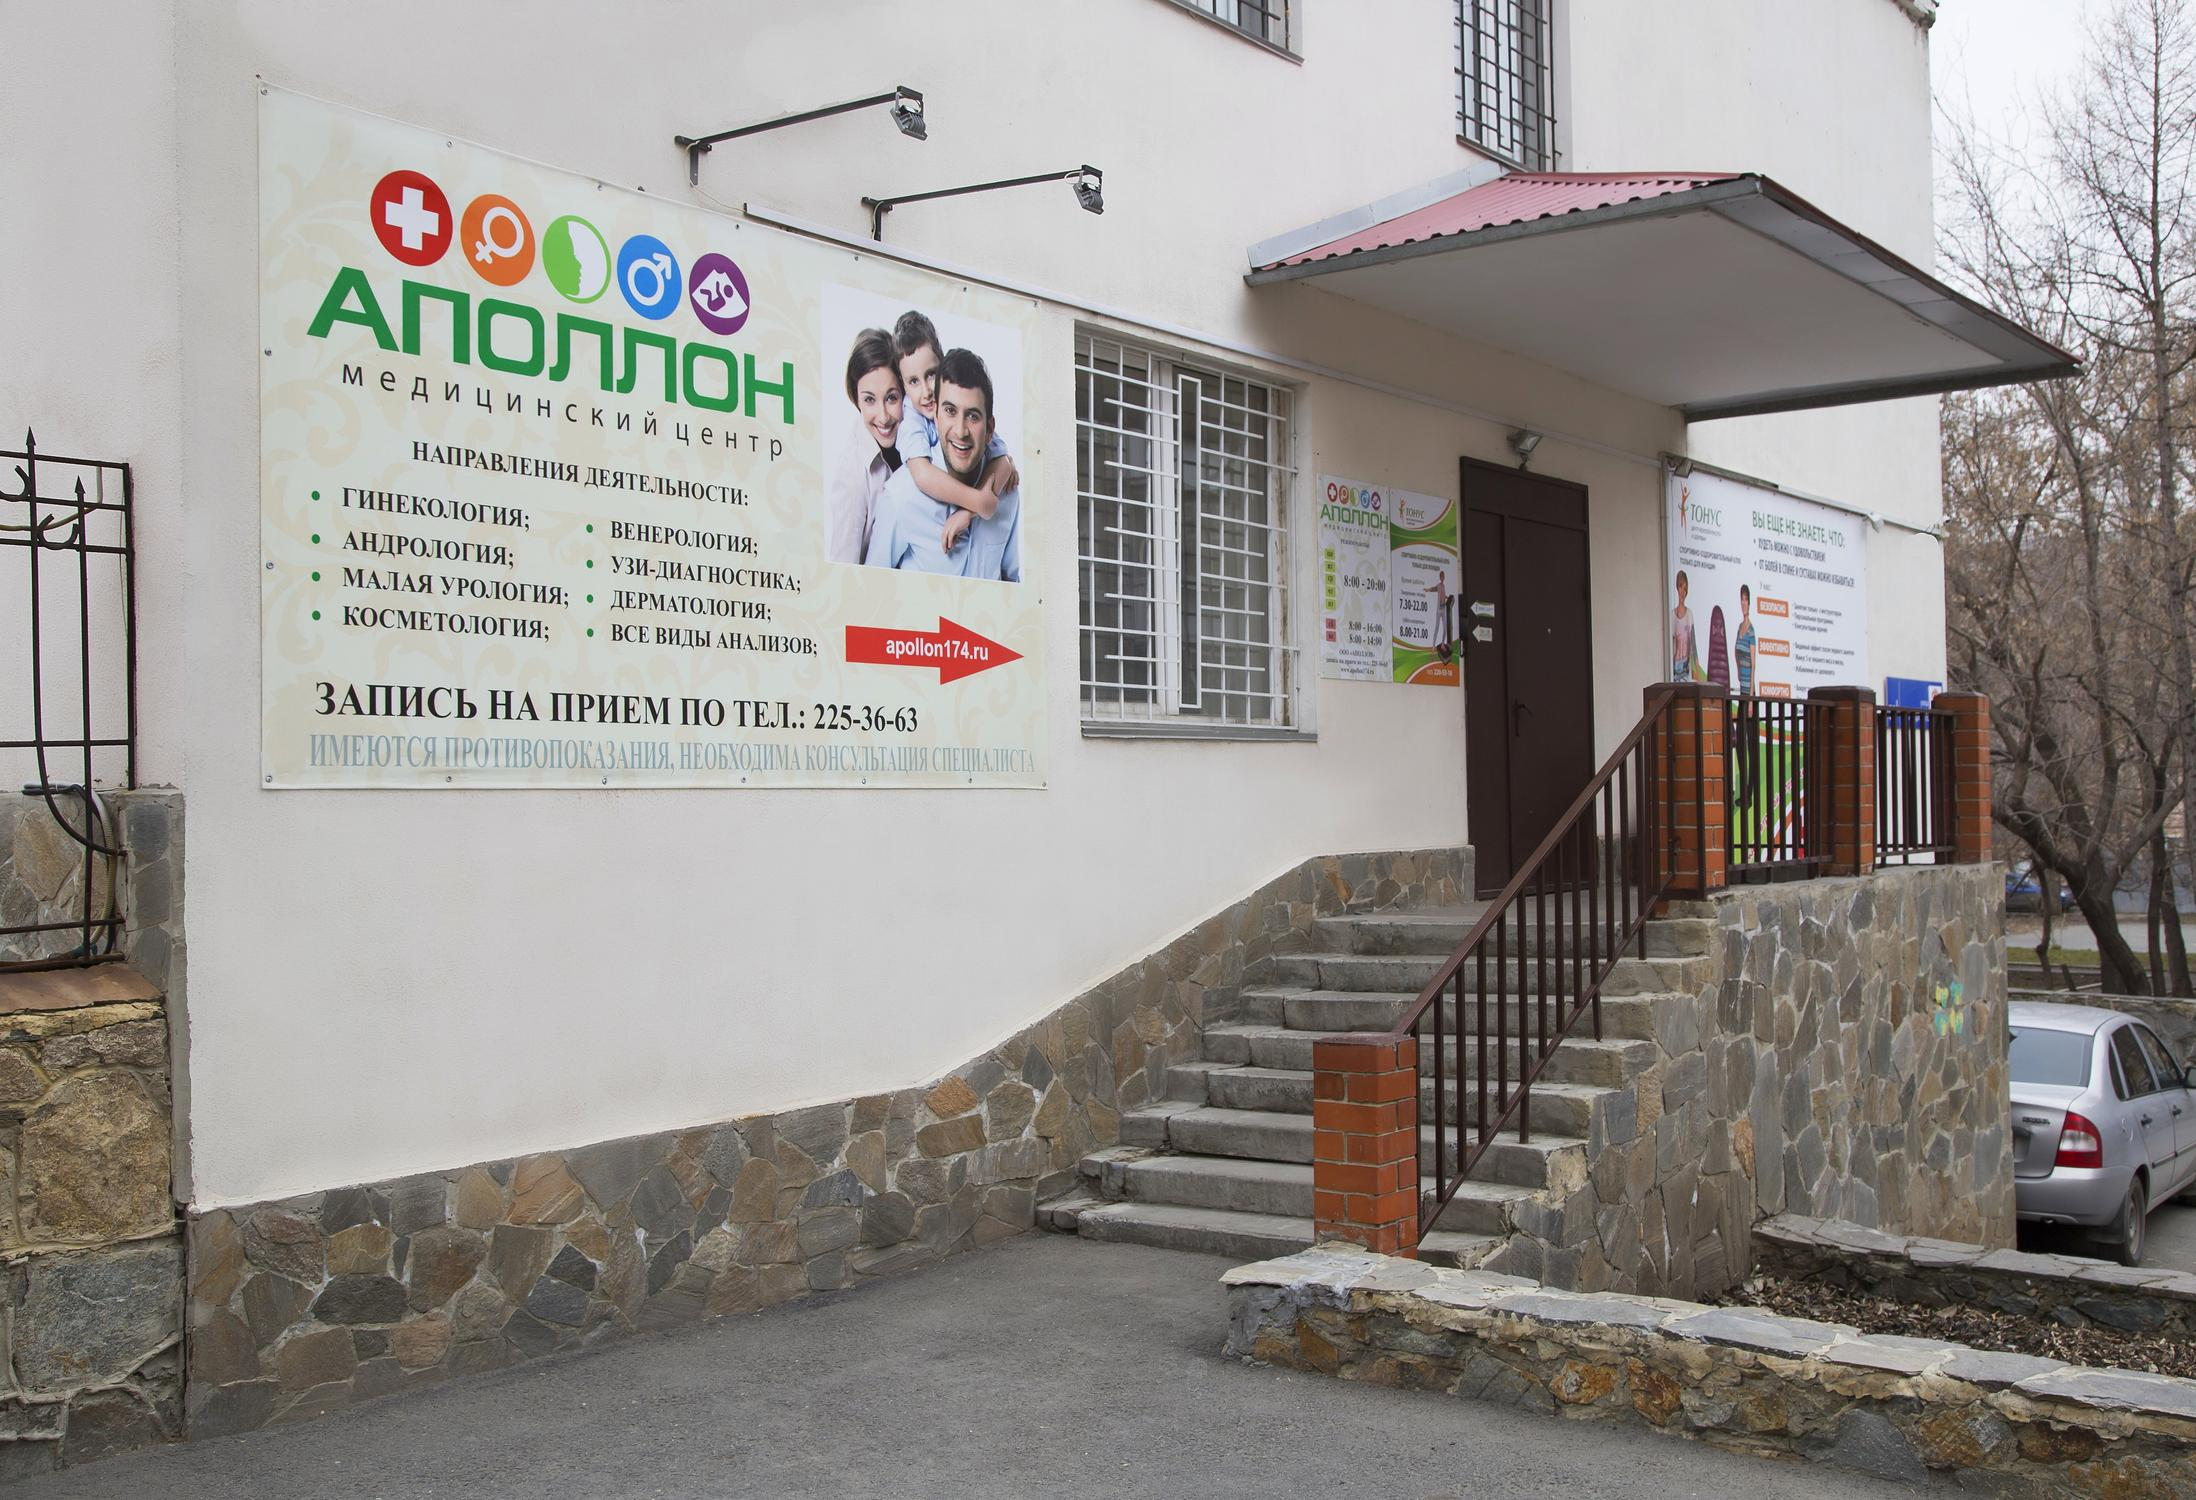 фотография Медицинского центра Аполлон на улице Володарского, 50а